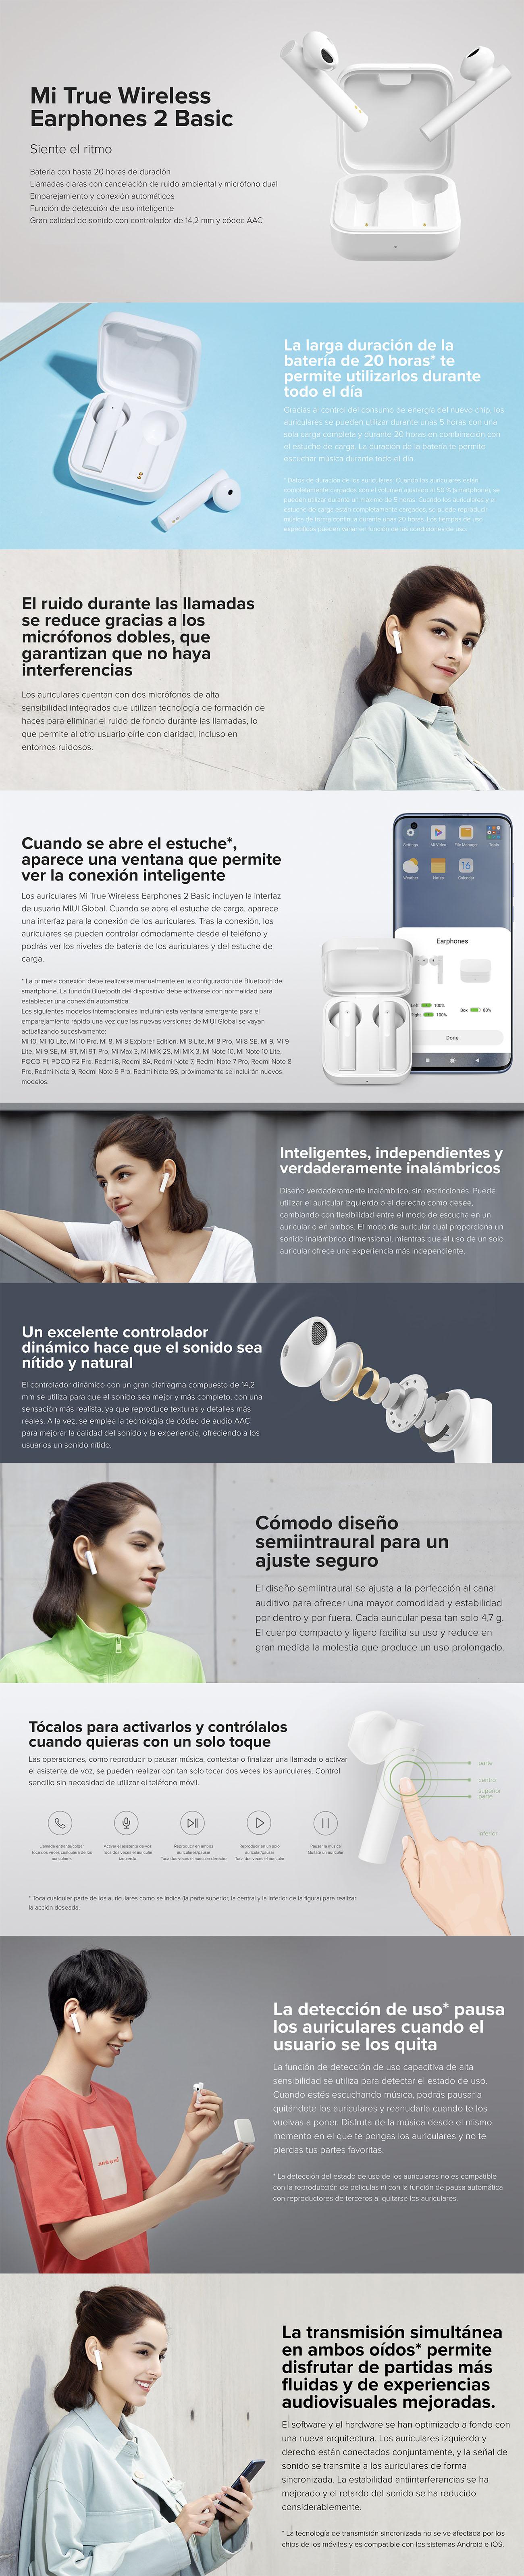 Xiaomi_Mi_True_Wireless_Earphones_2_Basic_blanco